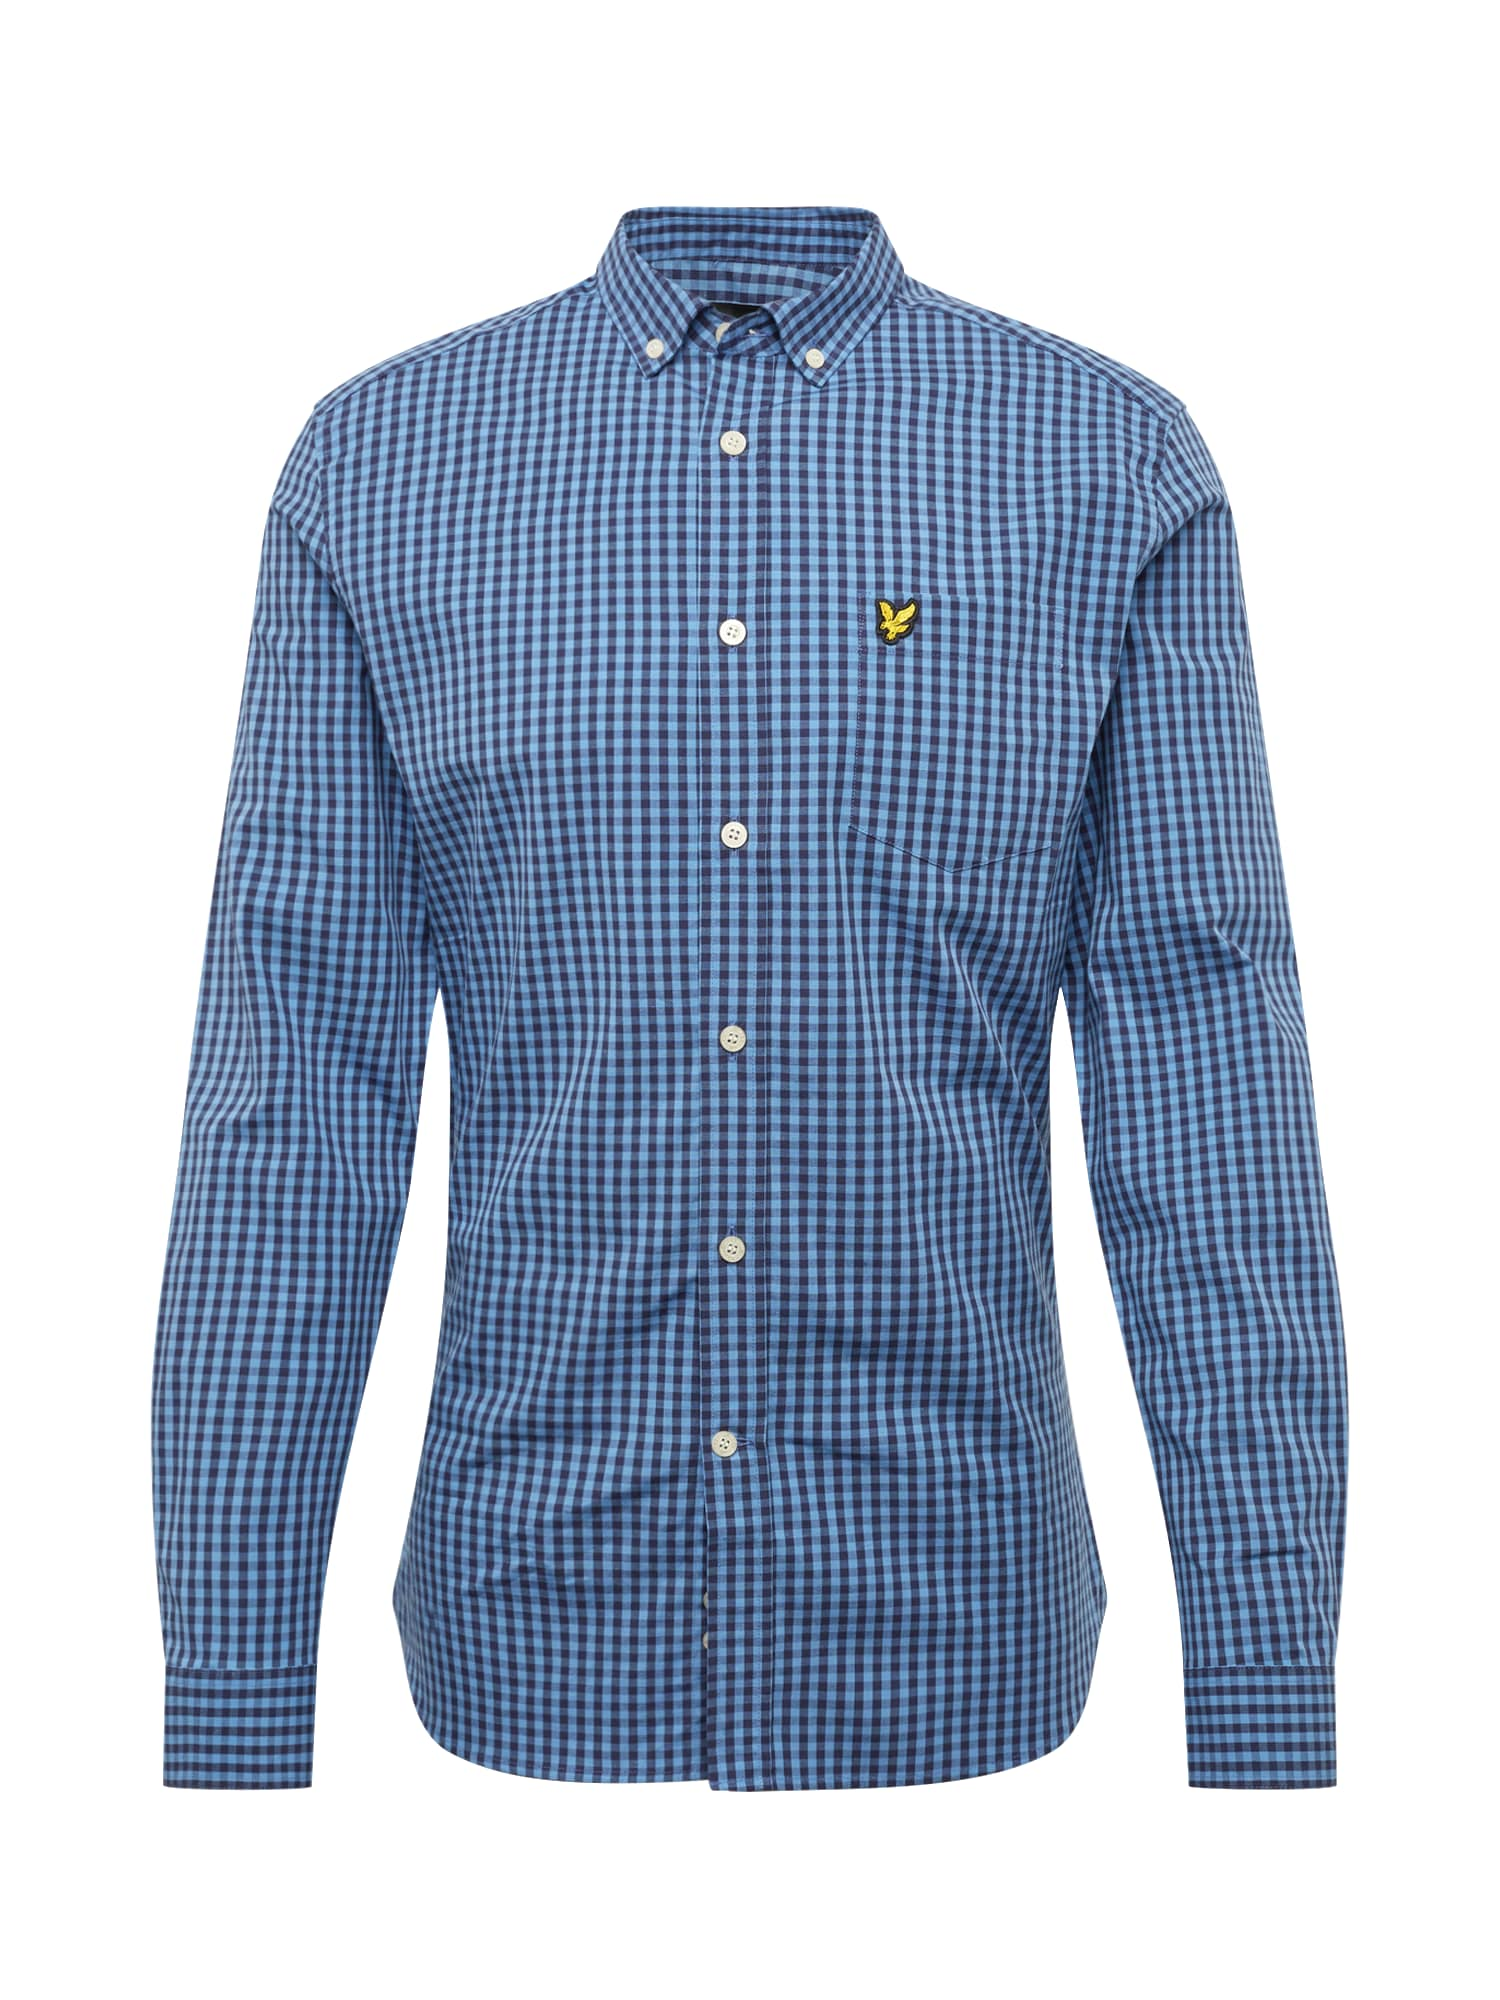 Košile LS Slim Fit Gingham Shirt modrá bílá Lyle & Scott